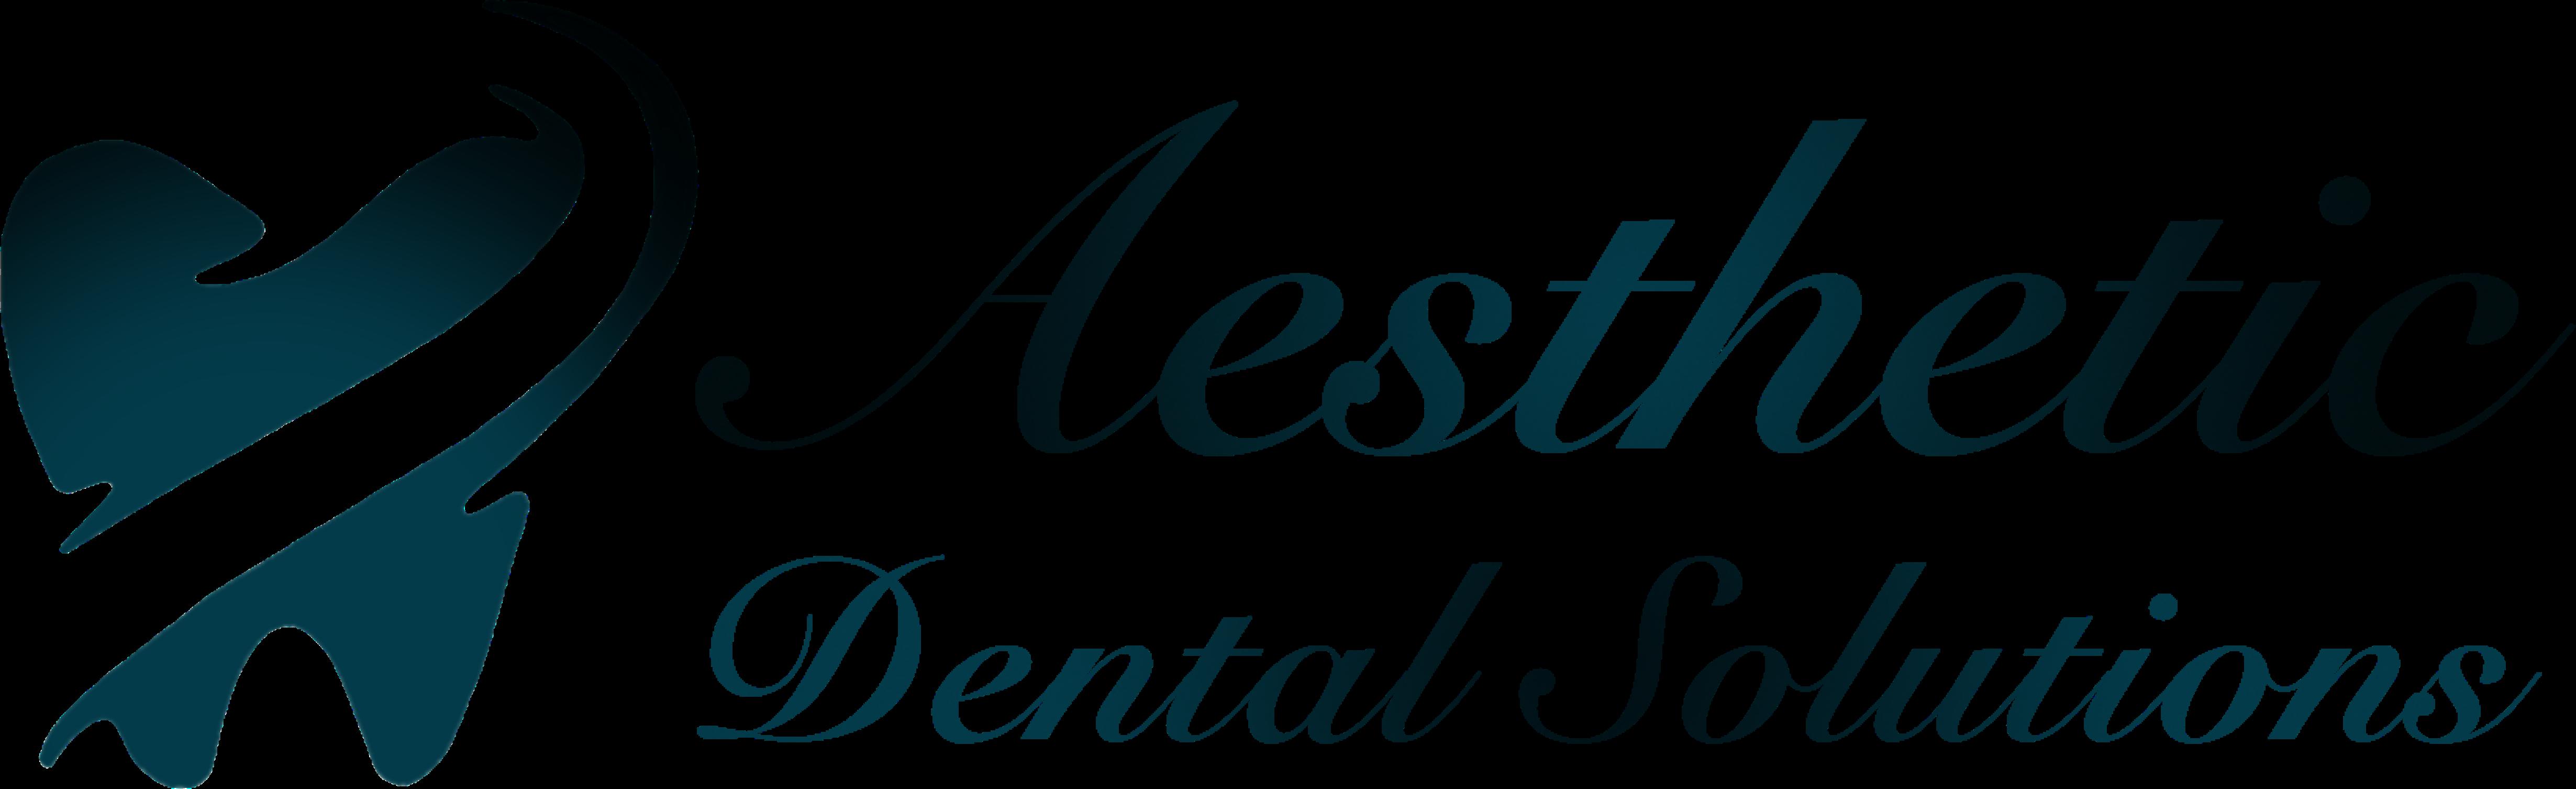 İstanbul Gülüş Tasarımı - Diş Estetiği